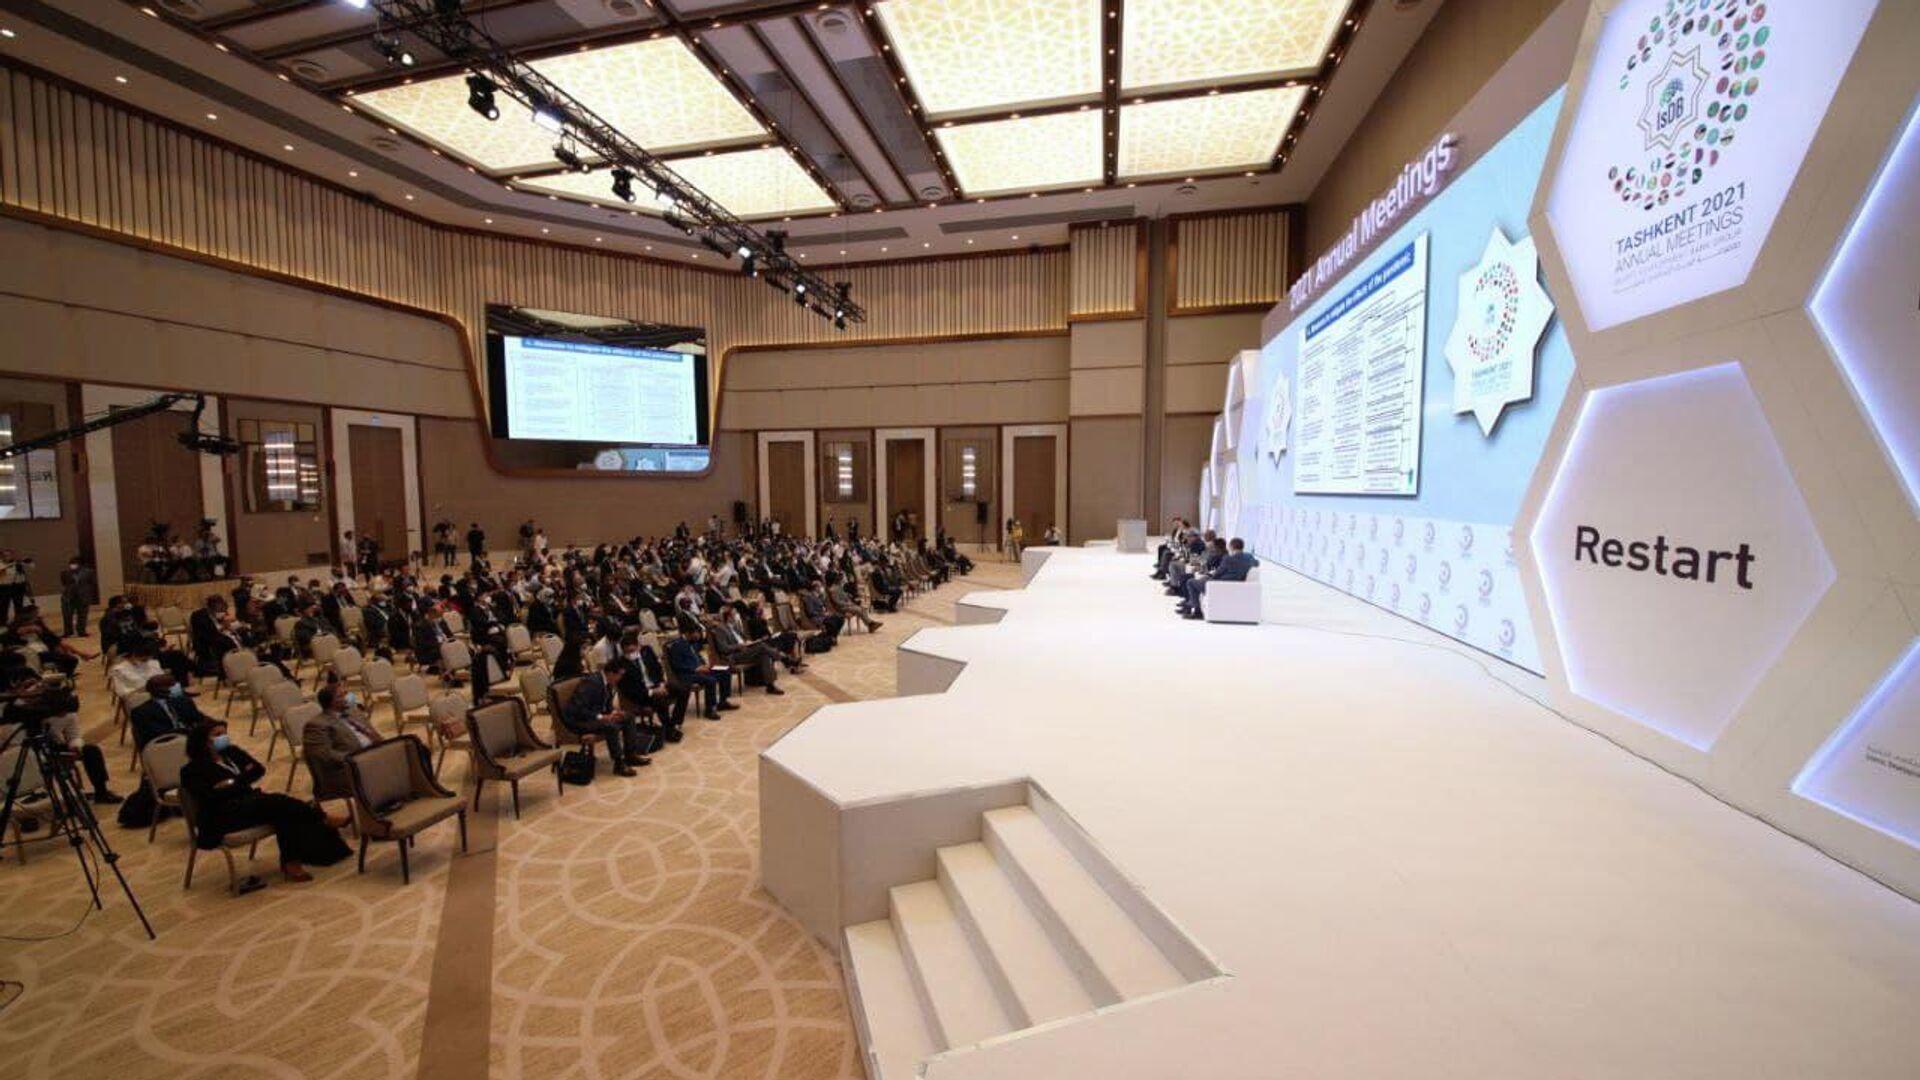 В Ташкенте проходит 46-е собрание совета управляющих ИБР - Sputnik Узбекистан, 1920, 03.09.2021